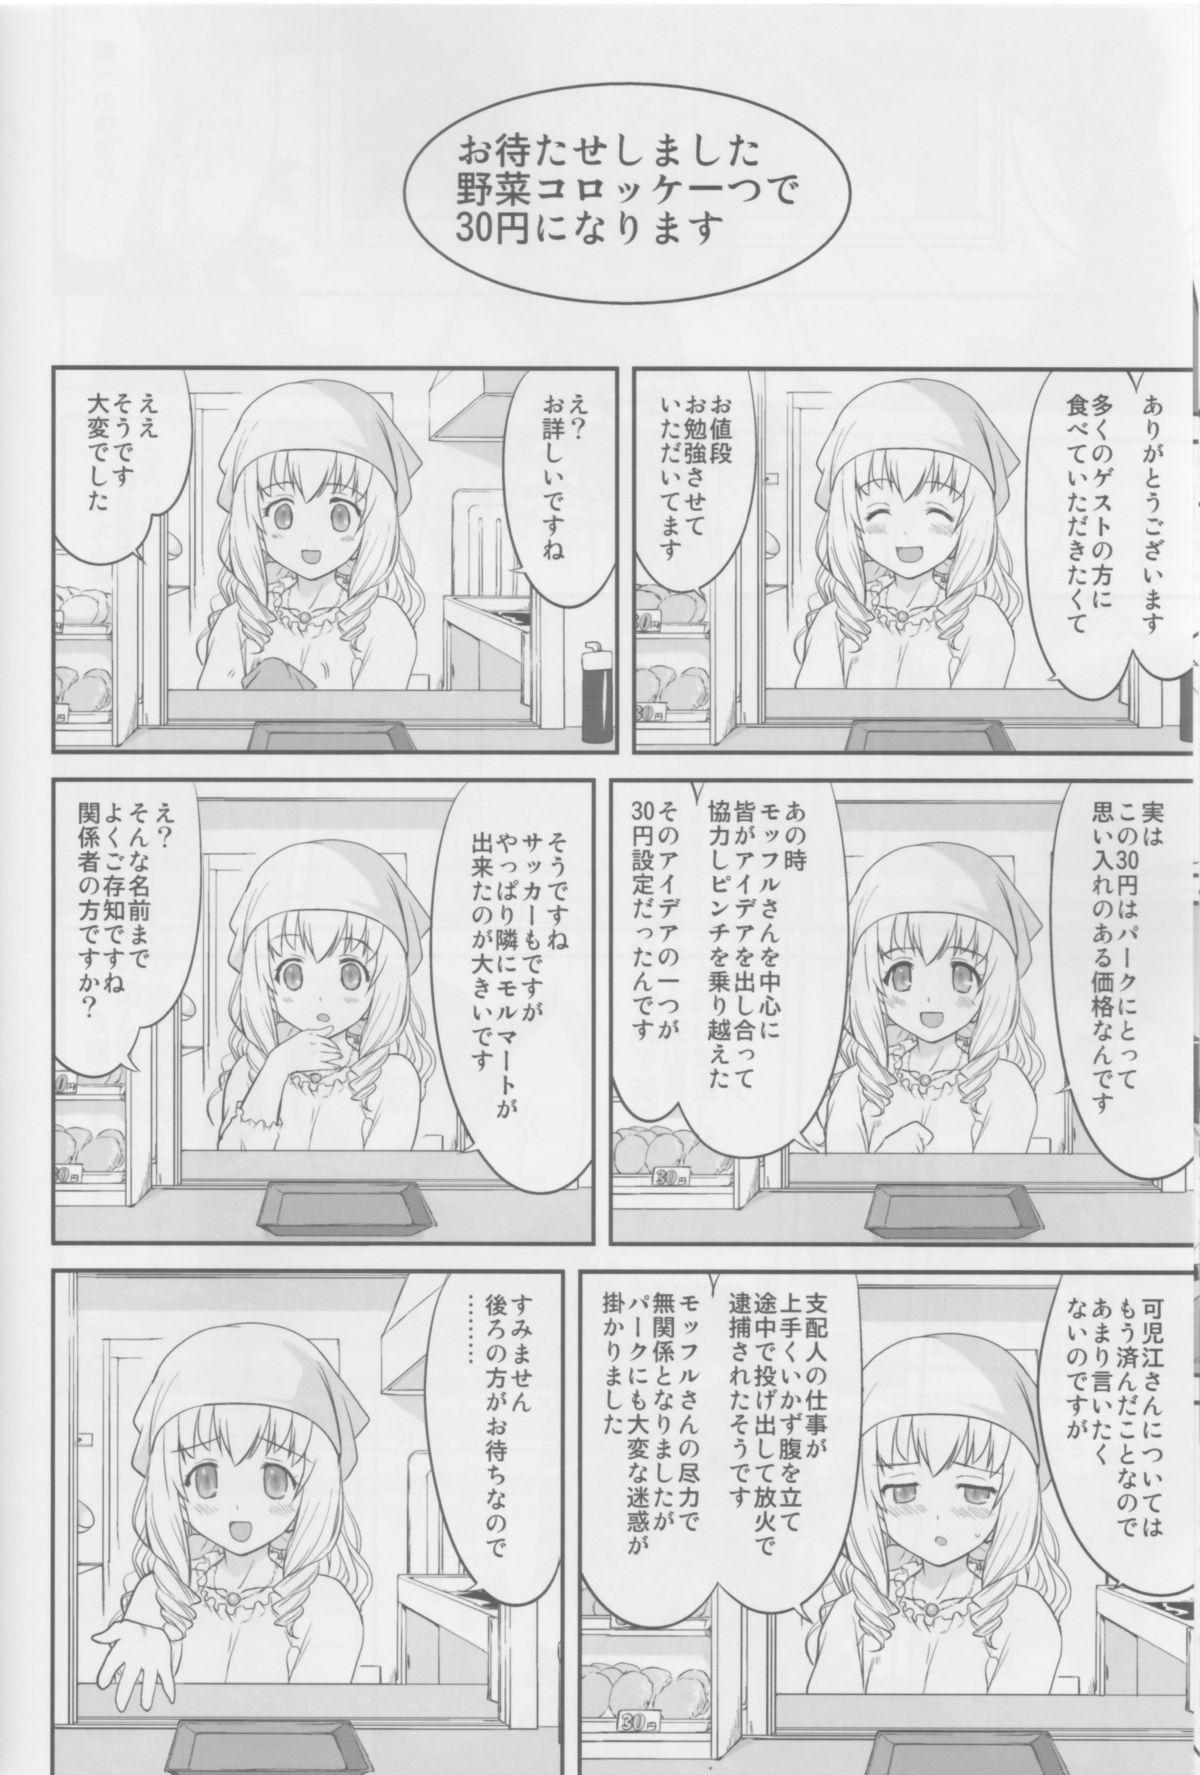 Amagi Strip Gekijou 54